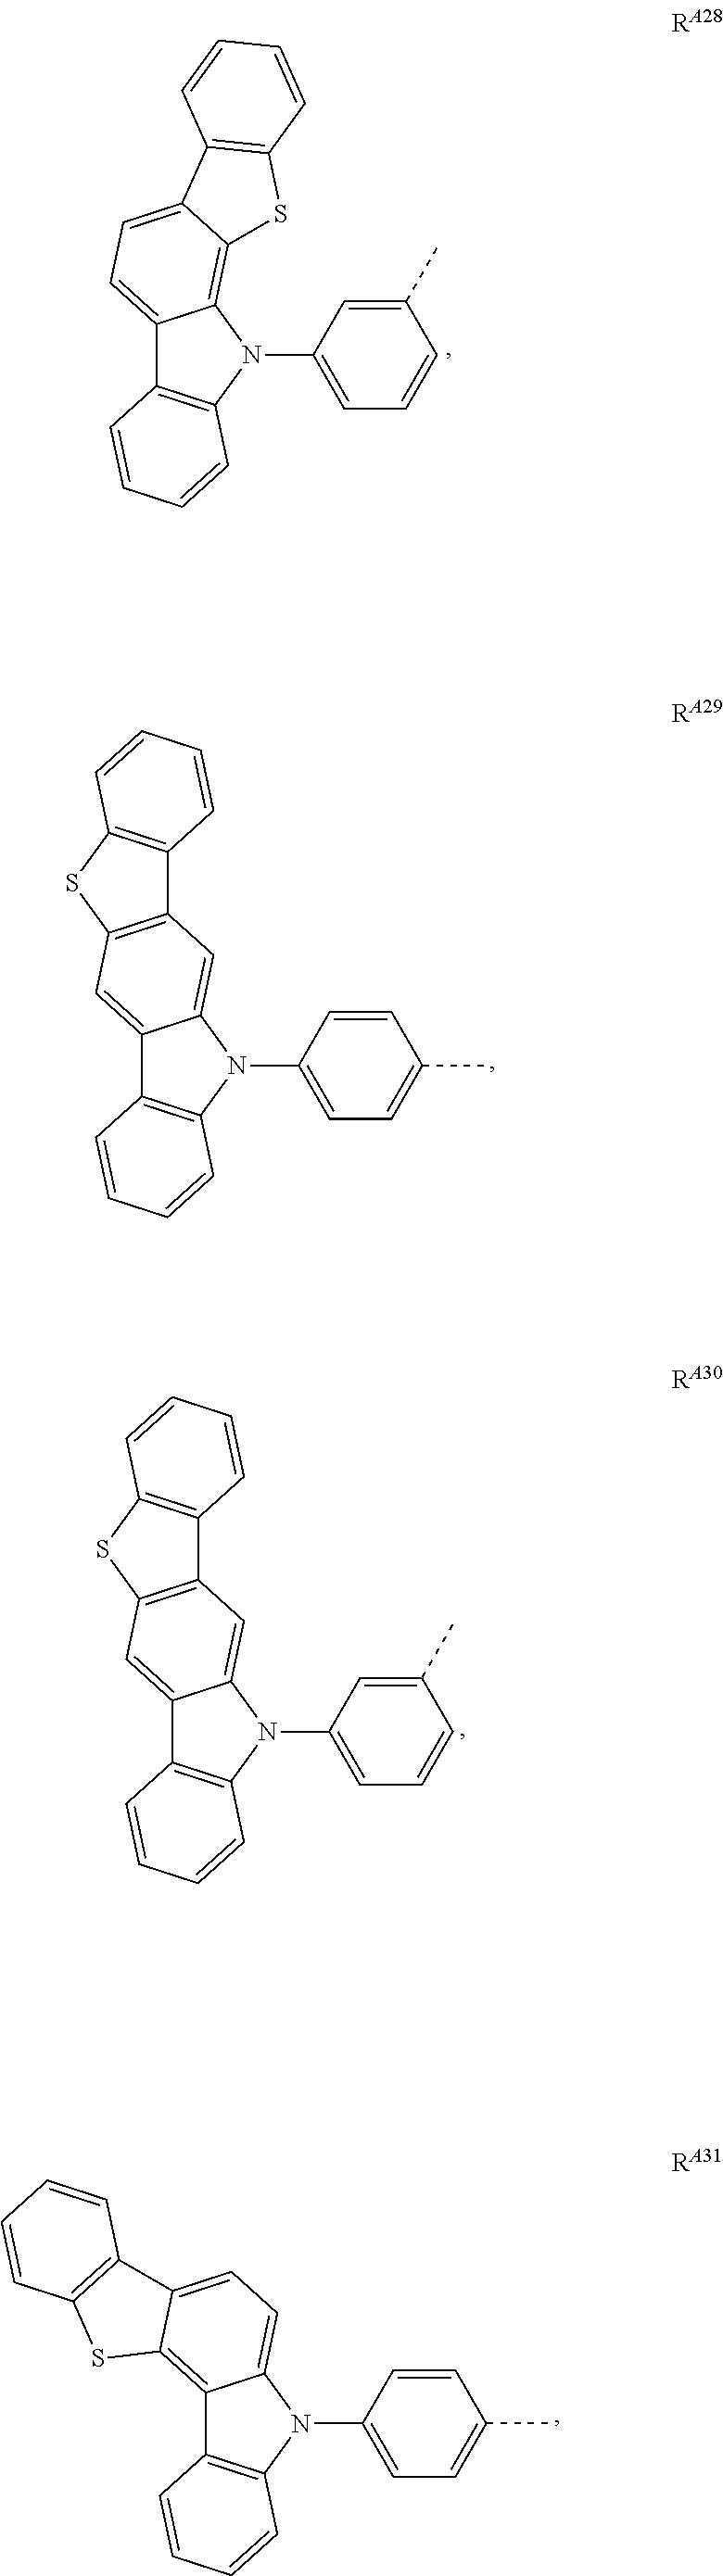 Figure US09761814-20170912-C00227